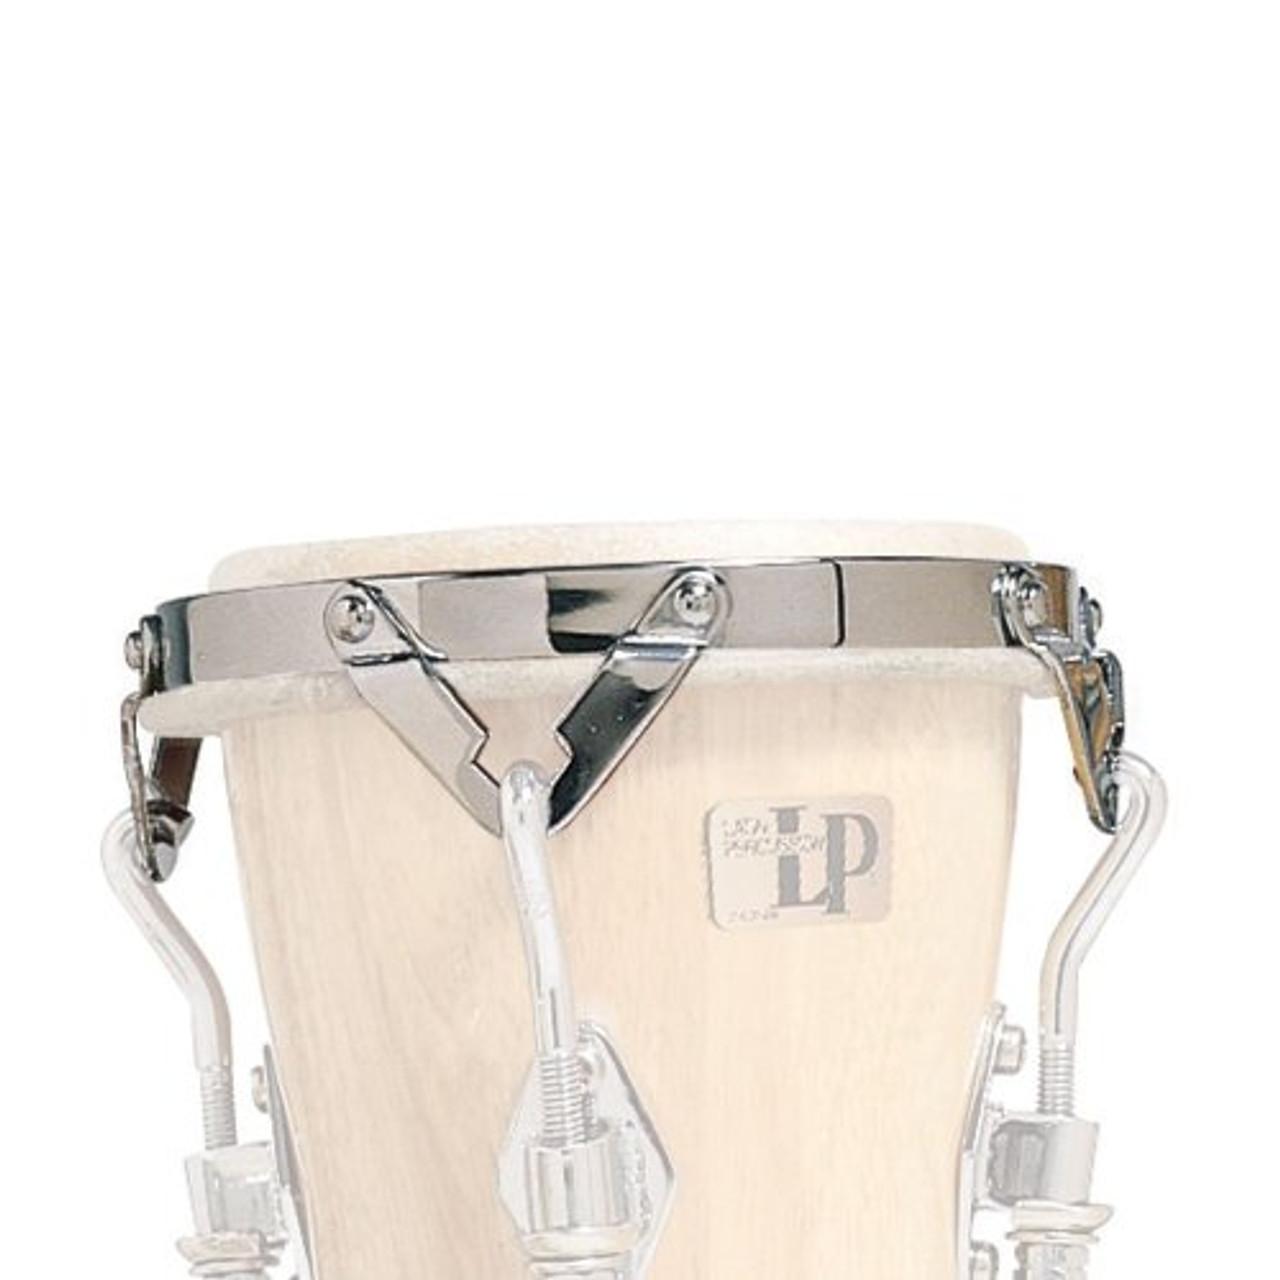 Drum Workshop Lg Rim for Lp491-Awc